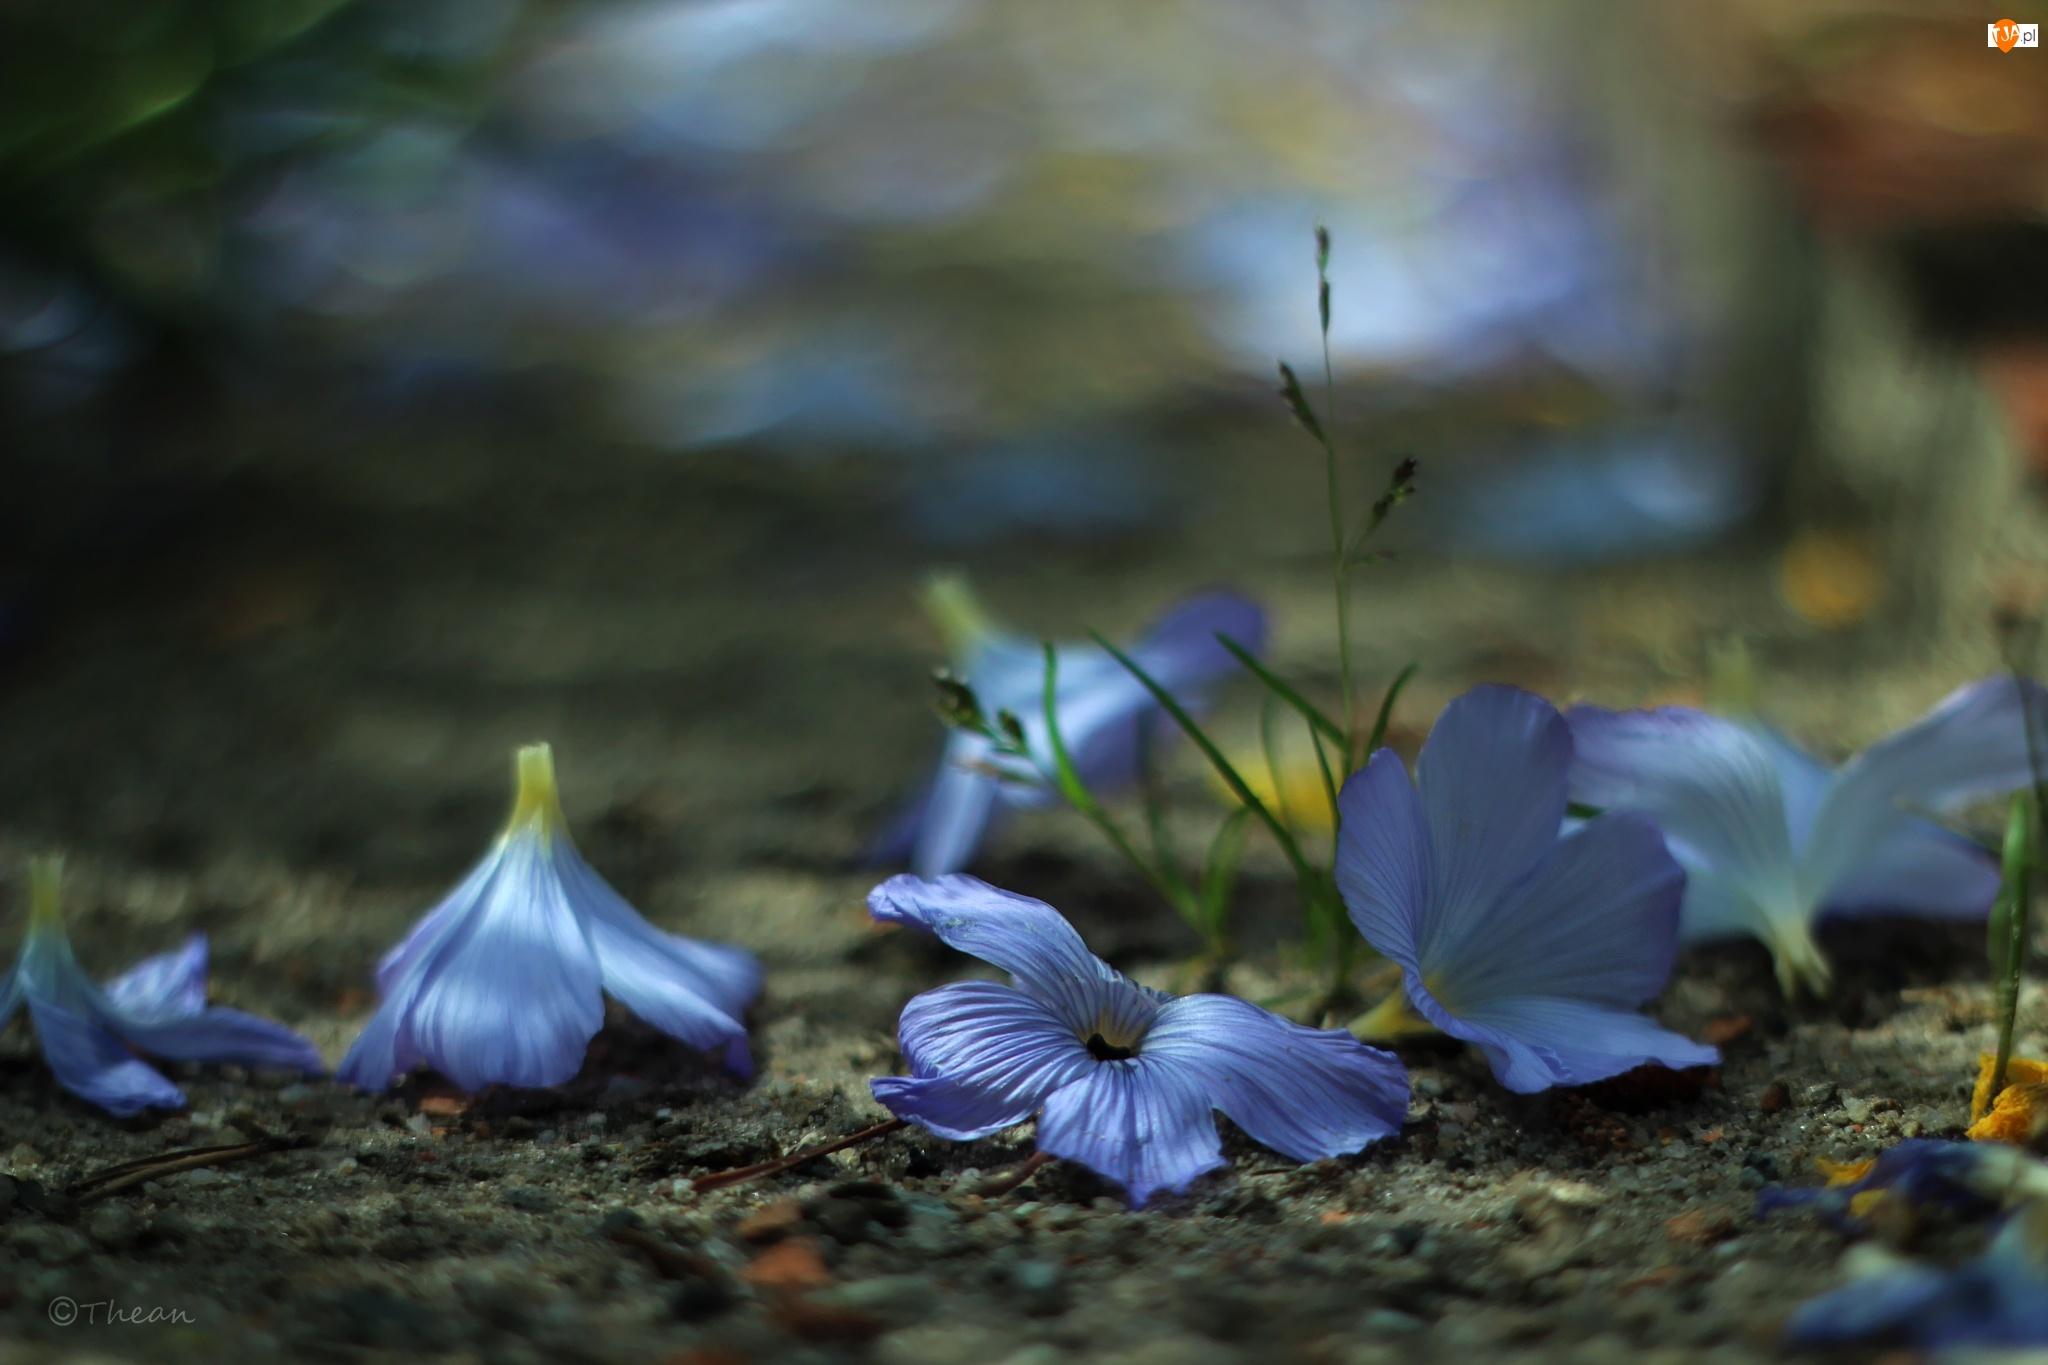 Kwiaty, Fioletowe, Dzwonki